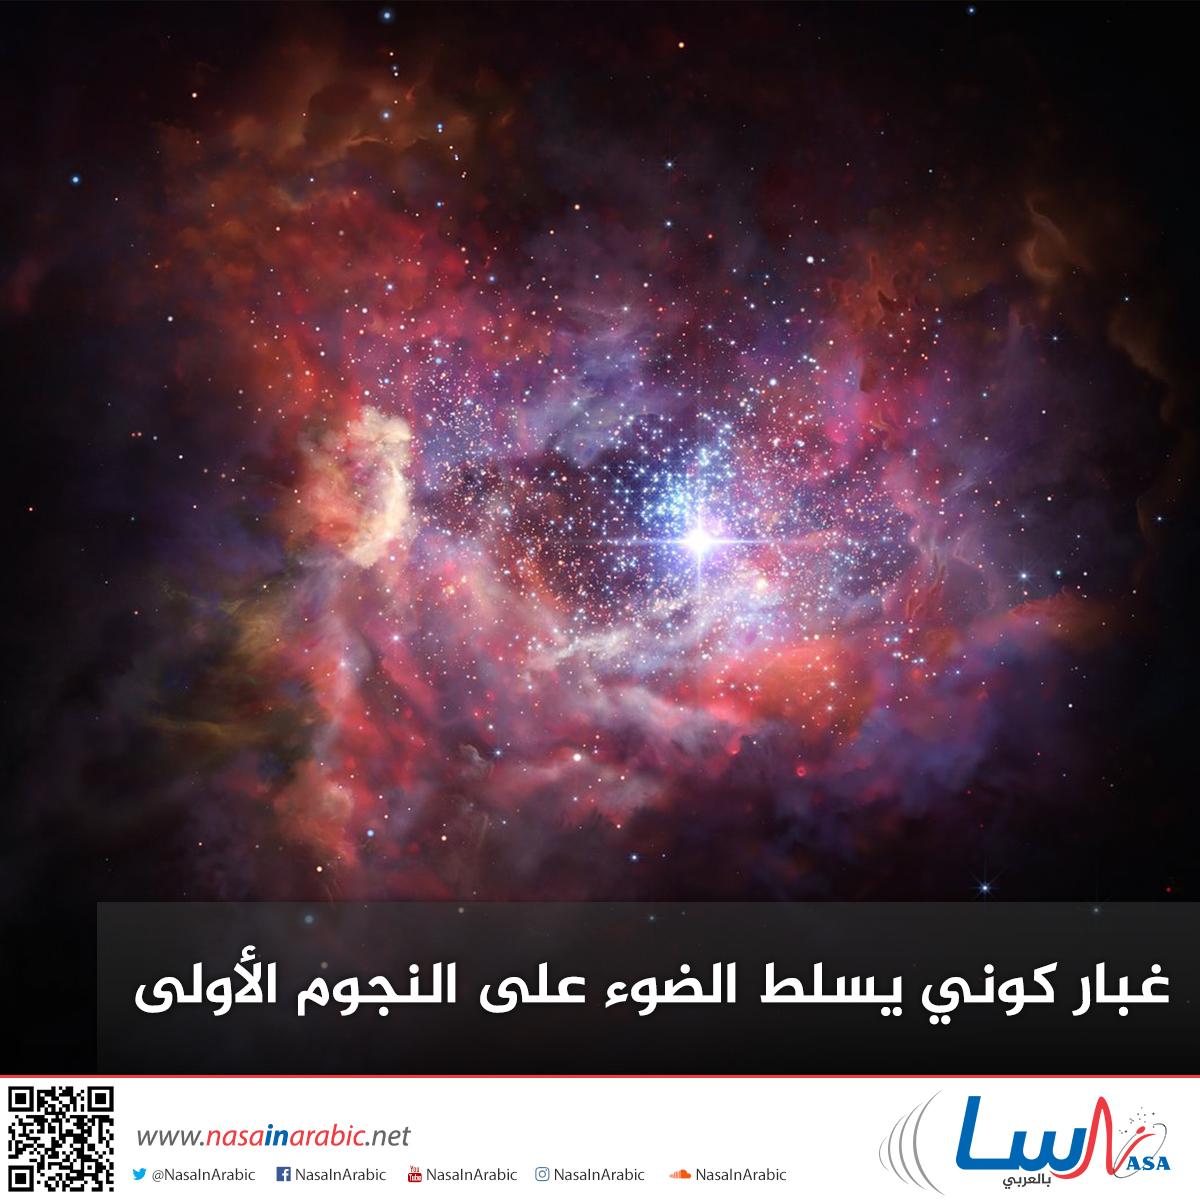 غبار كوني يسلط الضوء على النجوم الأولى